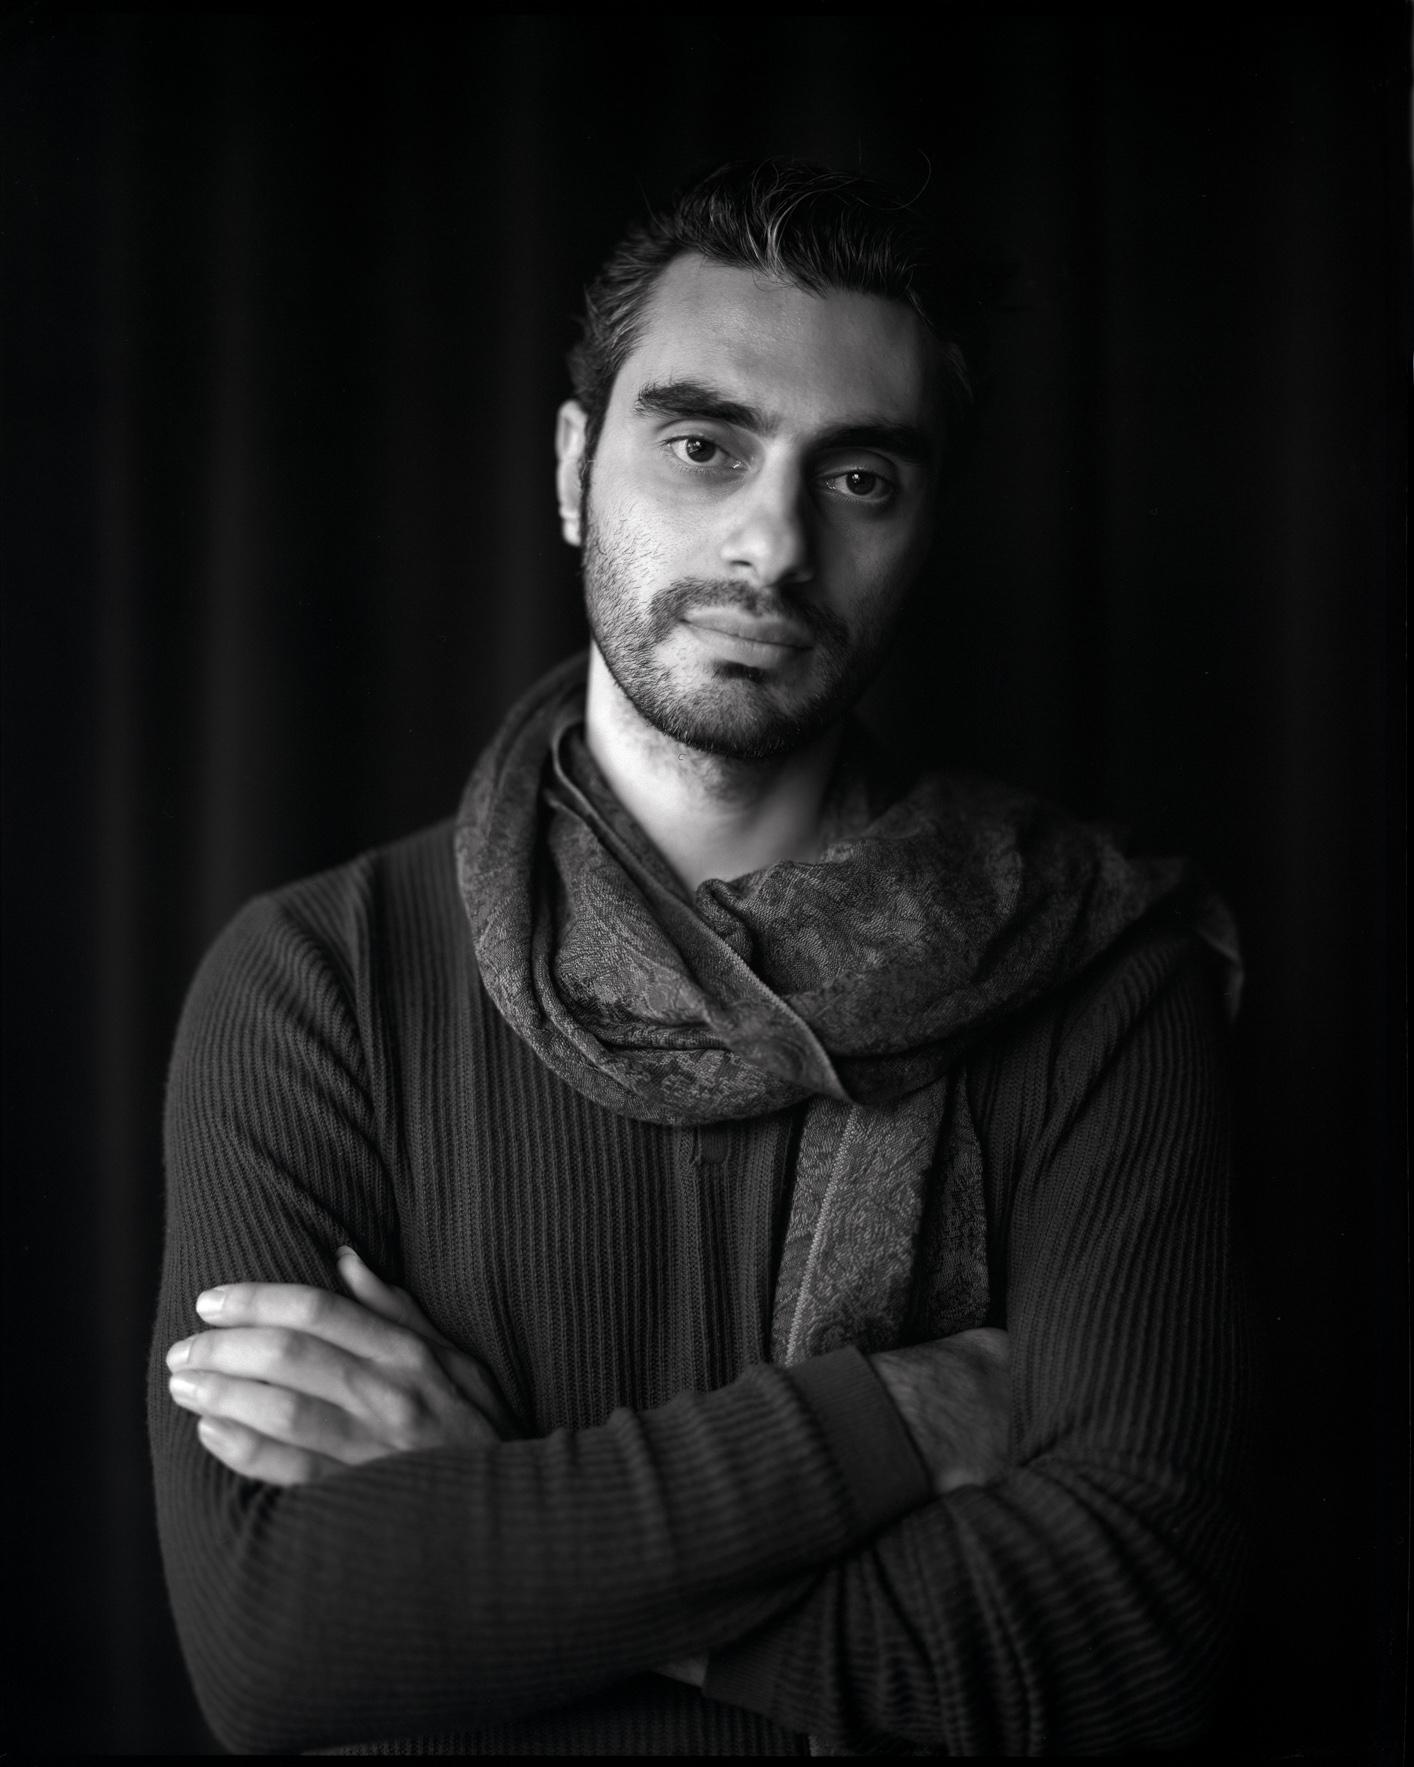 8x10_0035 - Ali Vaziri 20160823.jpg